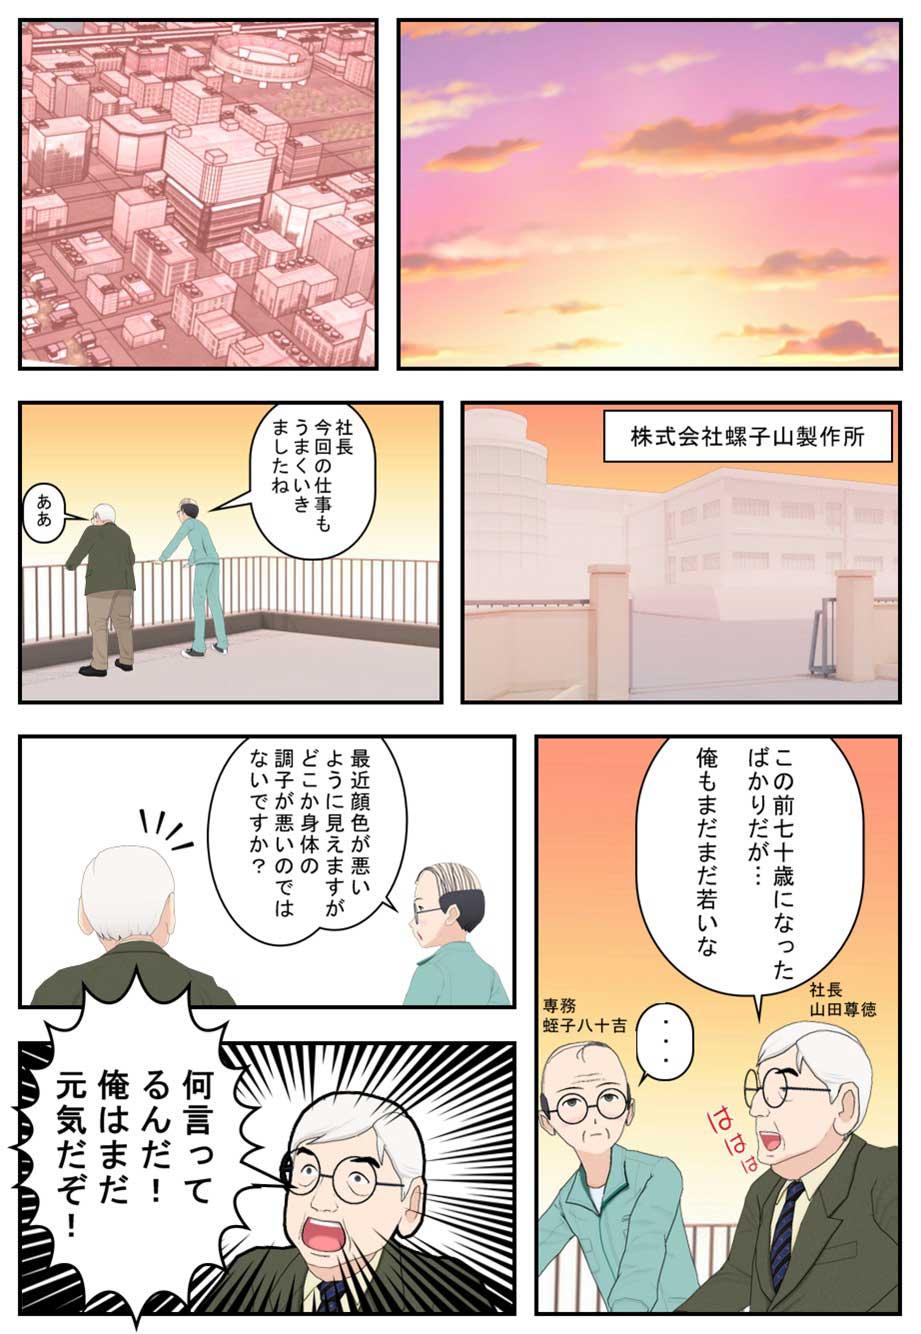 事業承継マンガ1頁